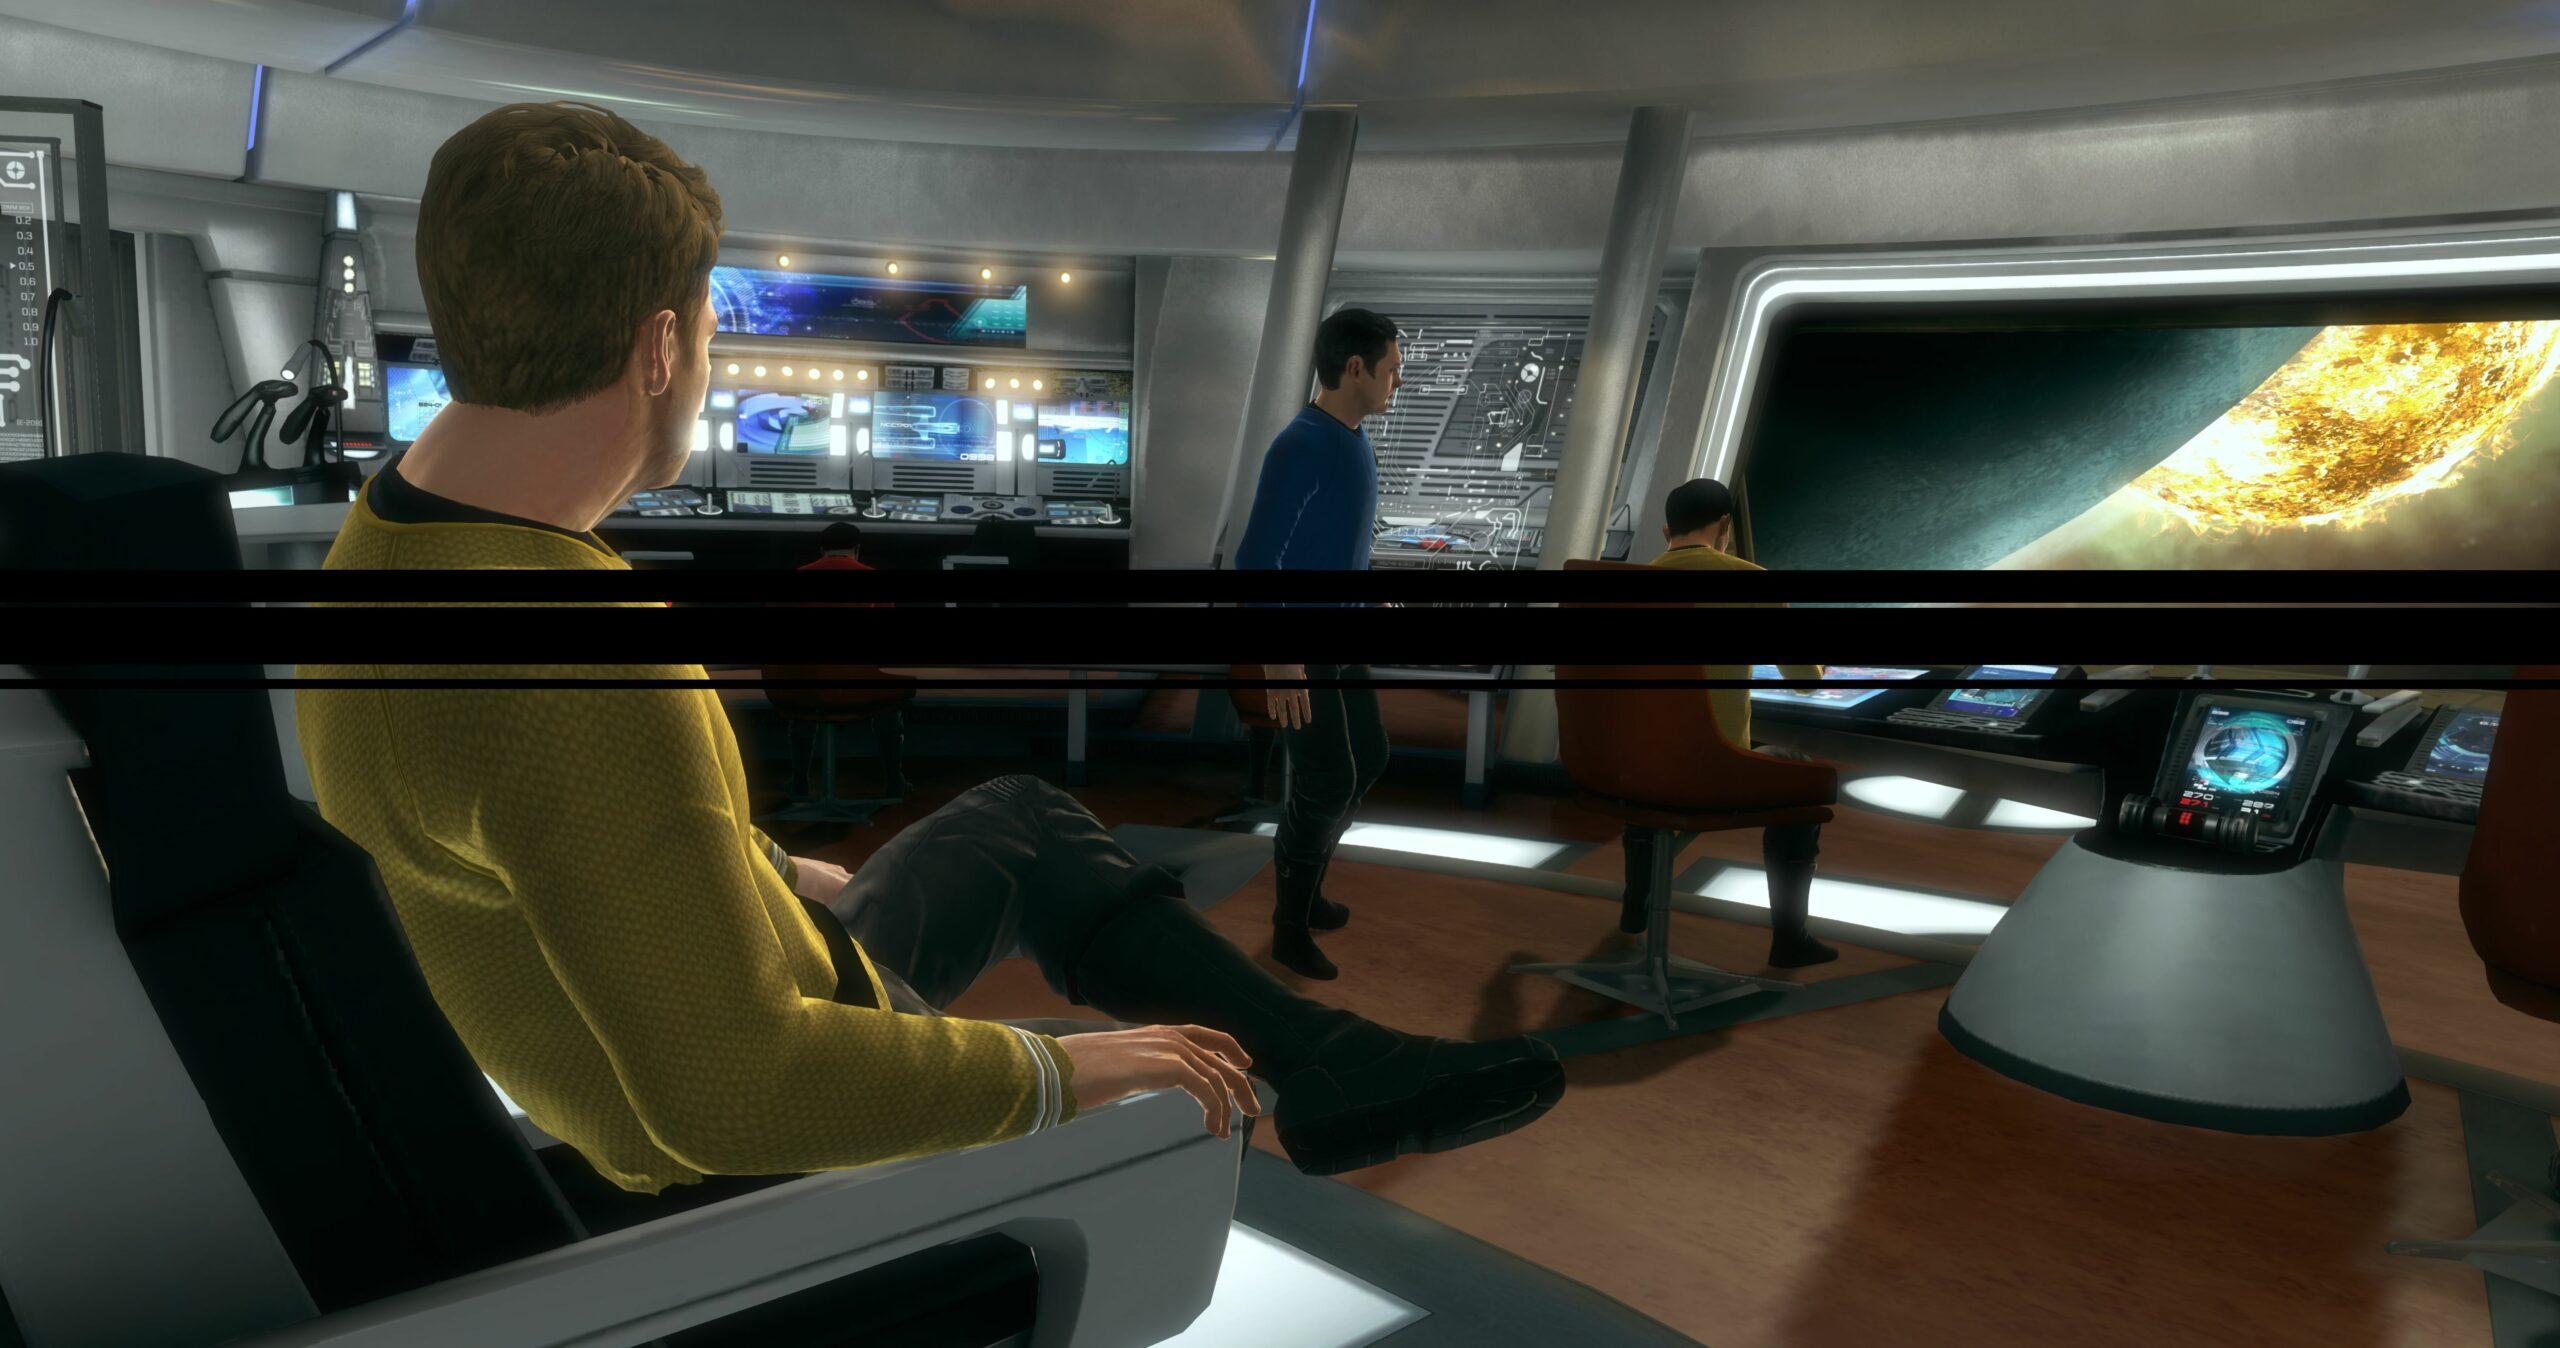 Star-Trek_2012_06-06-12_001